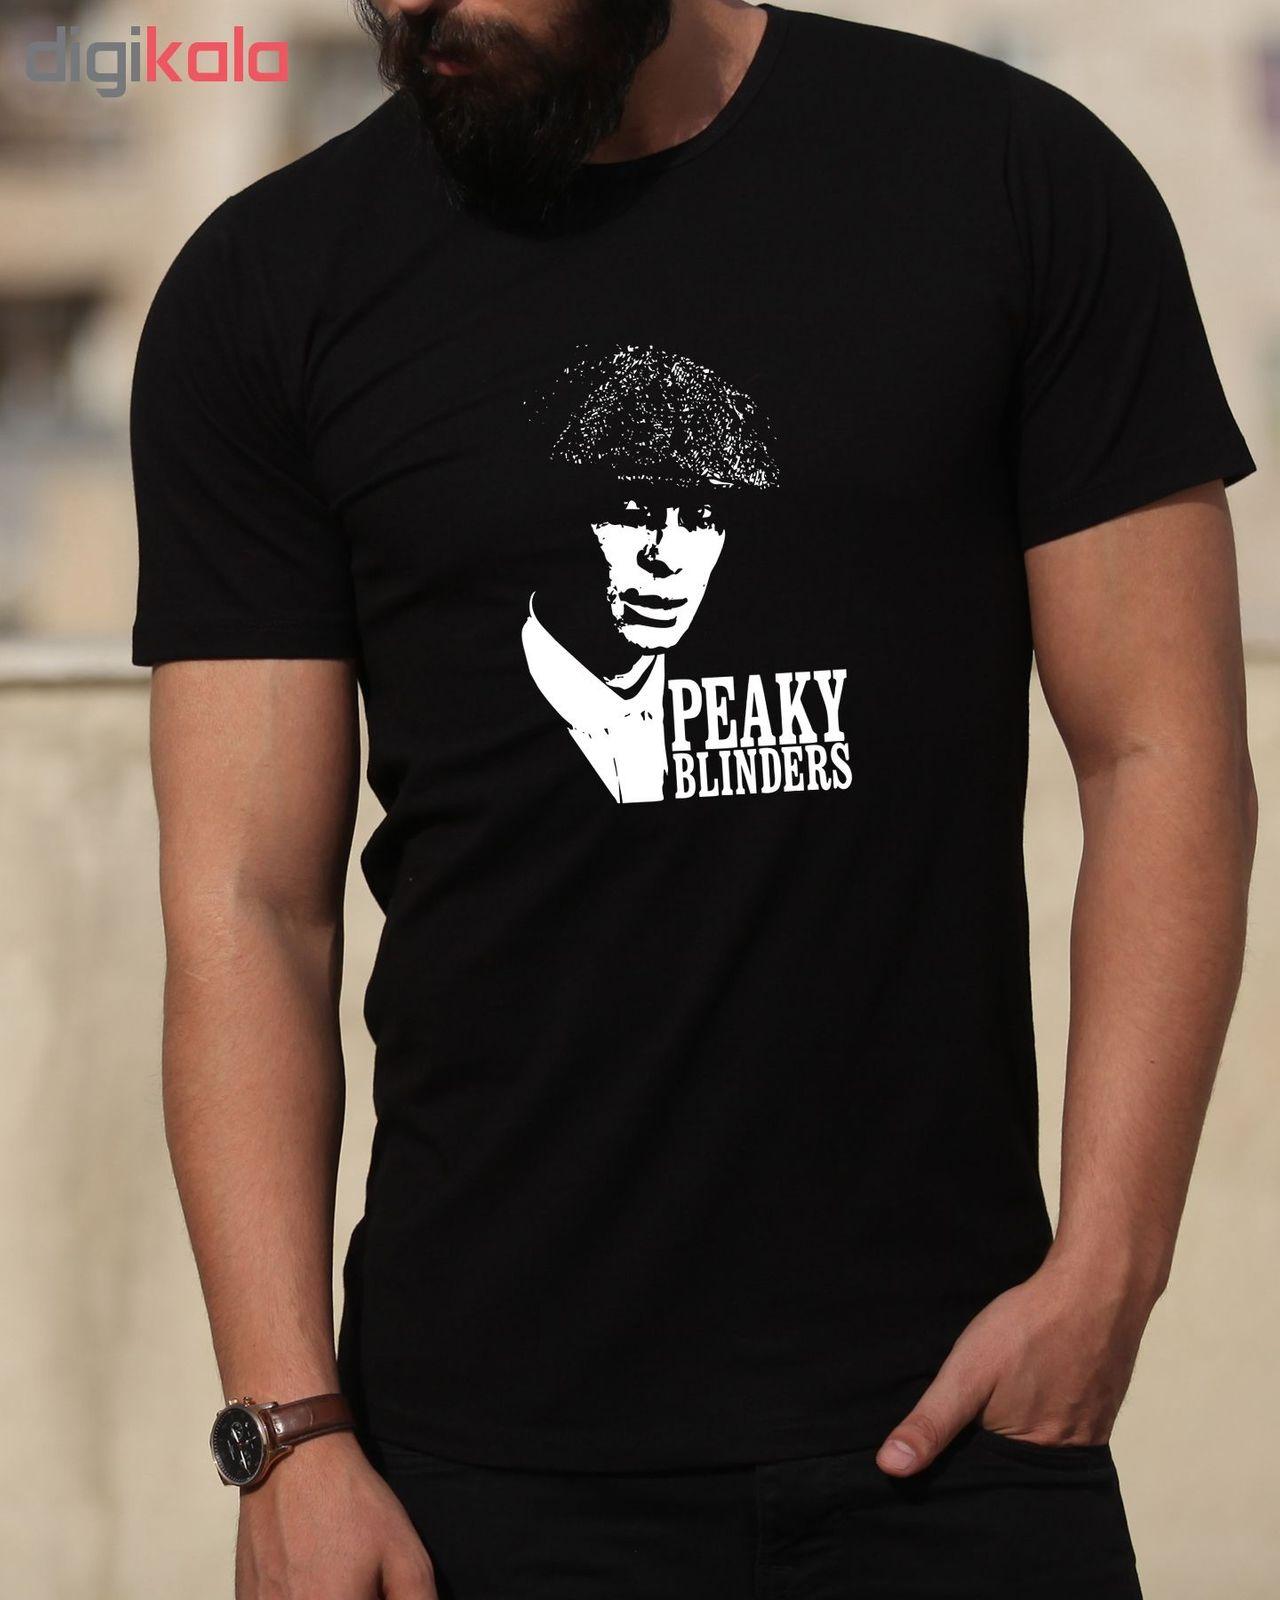 تی شرت مردانه طرح پیکی بلایندرز کد 34336 main 1 1